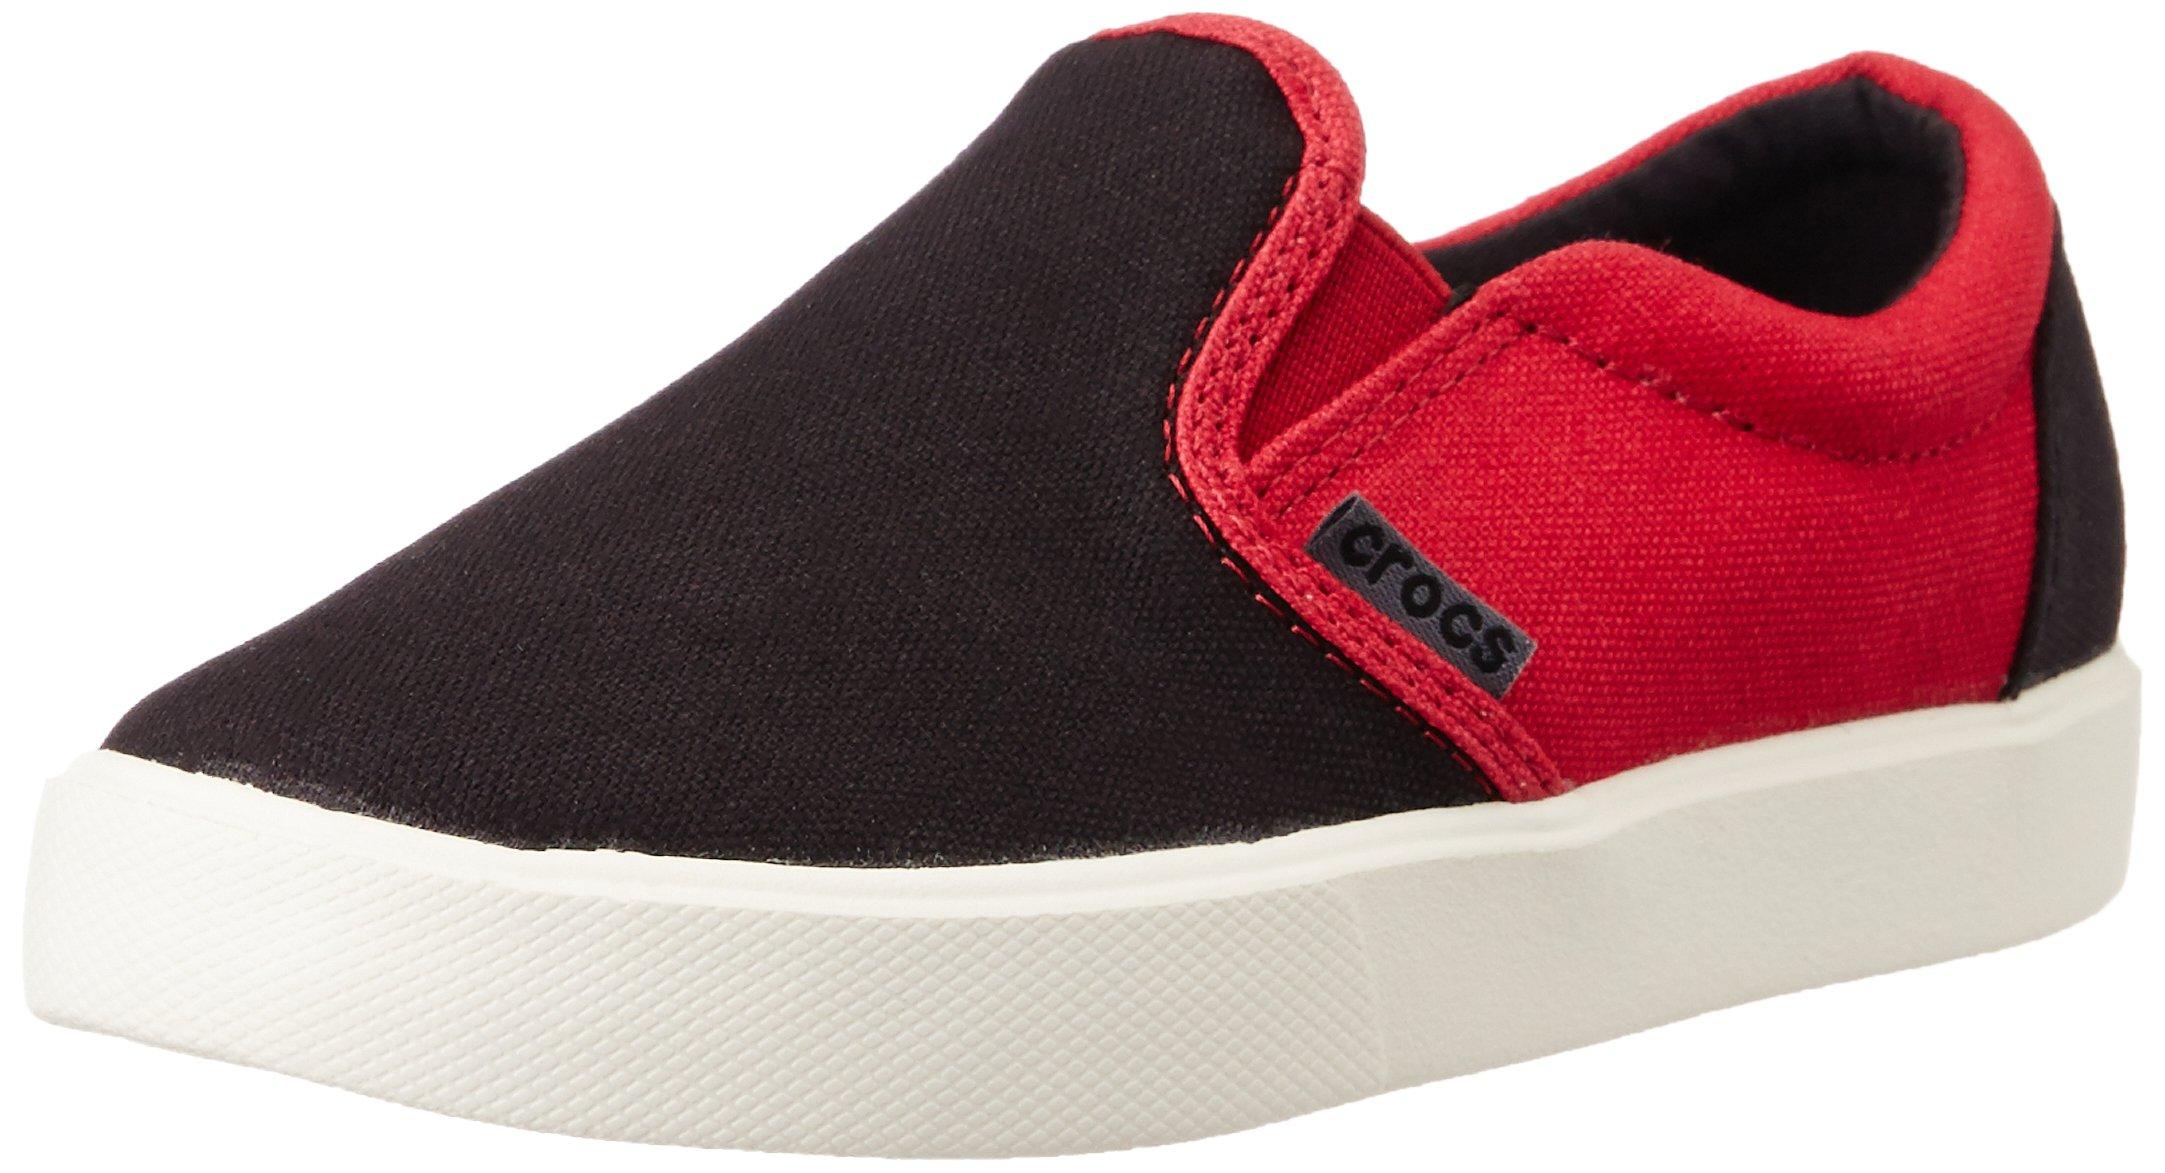 crocs CitiLane Sneaker Slip-On (Toddler/Little Kid), Black/Pepper, 12 M US Little Kid